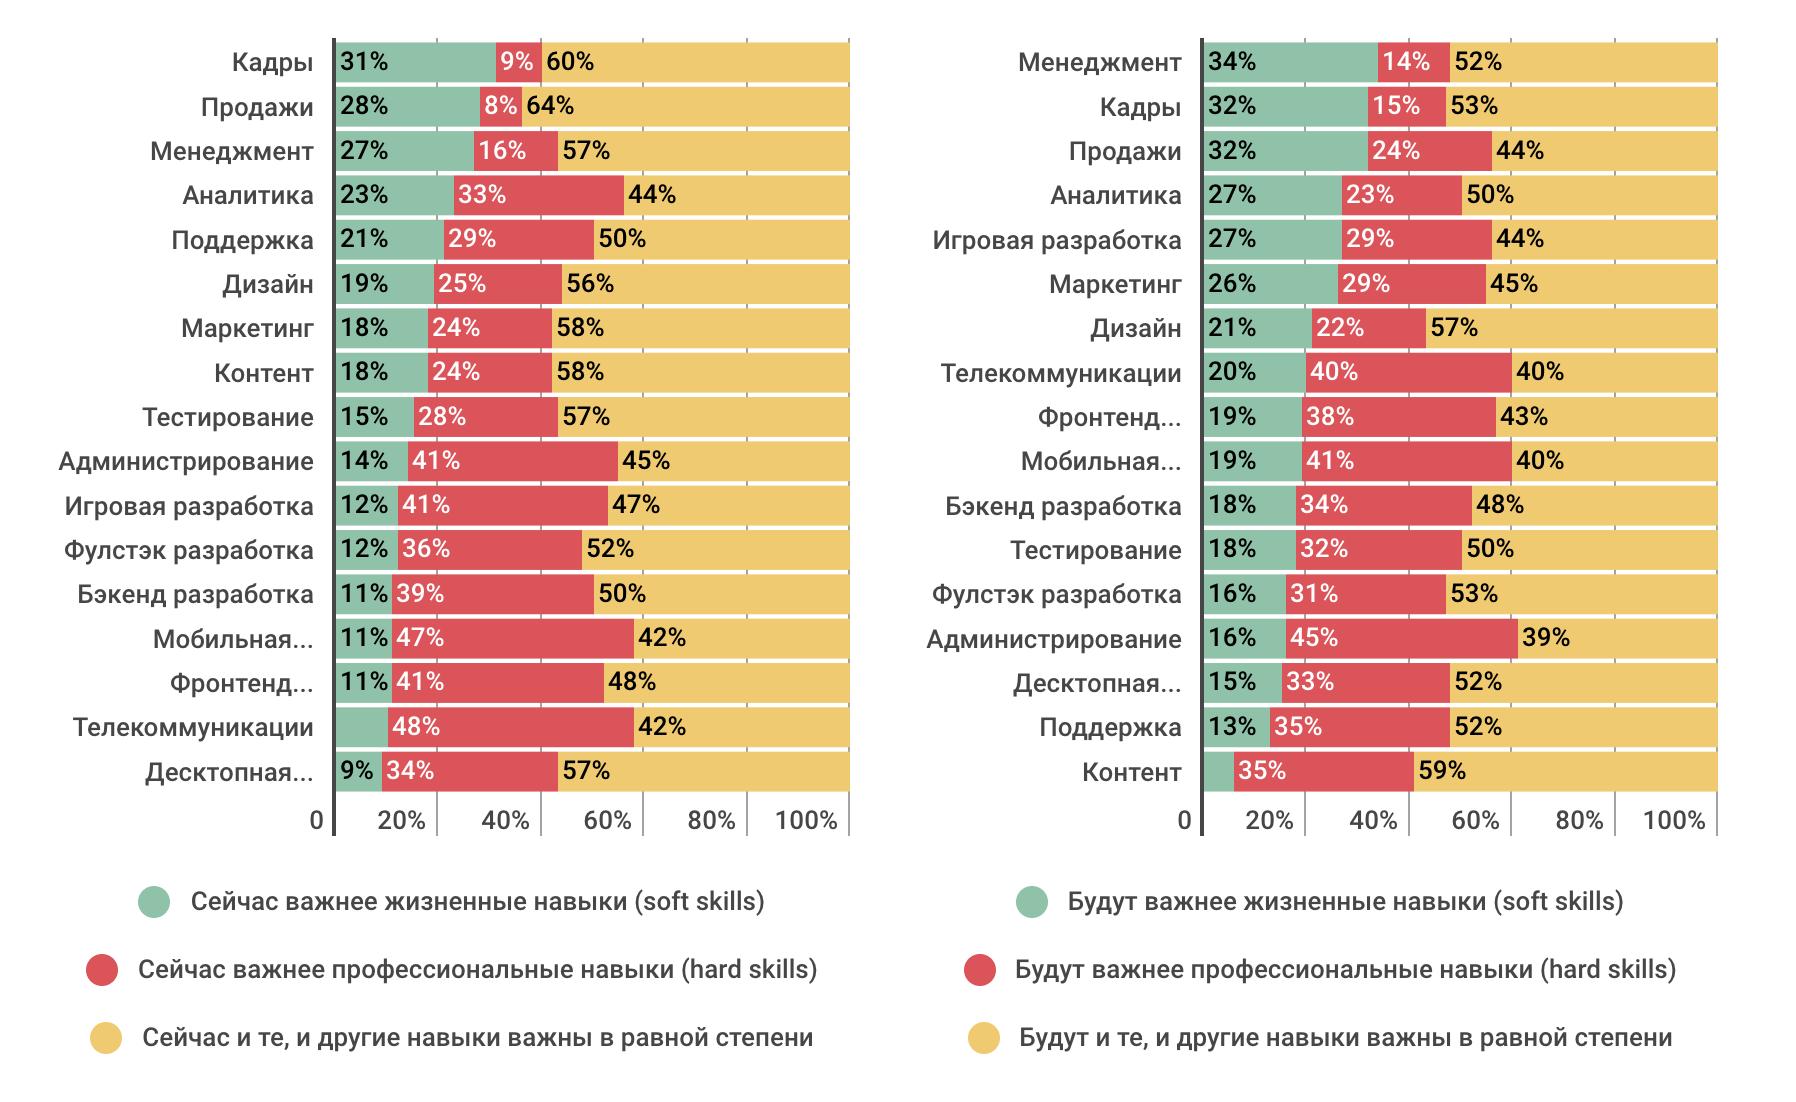 Профессиональные или жизненные навыки: что важнее в ИТ-индустрии сегодня и в будущем (результаты опроса) - 11